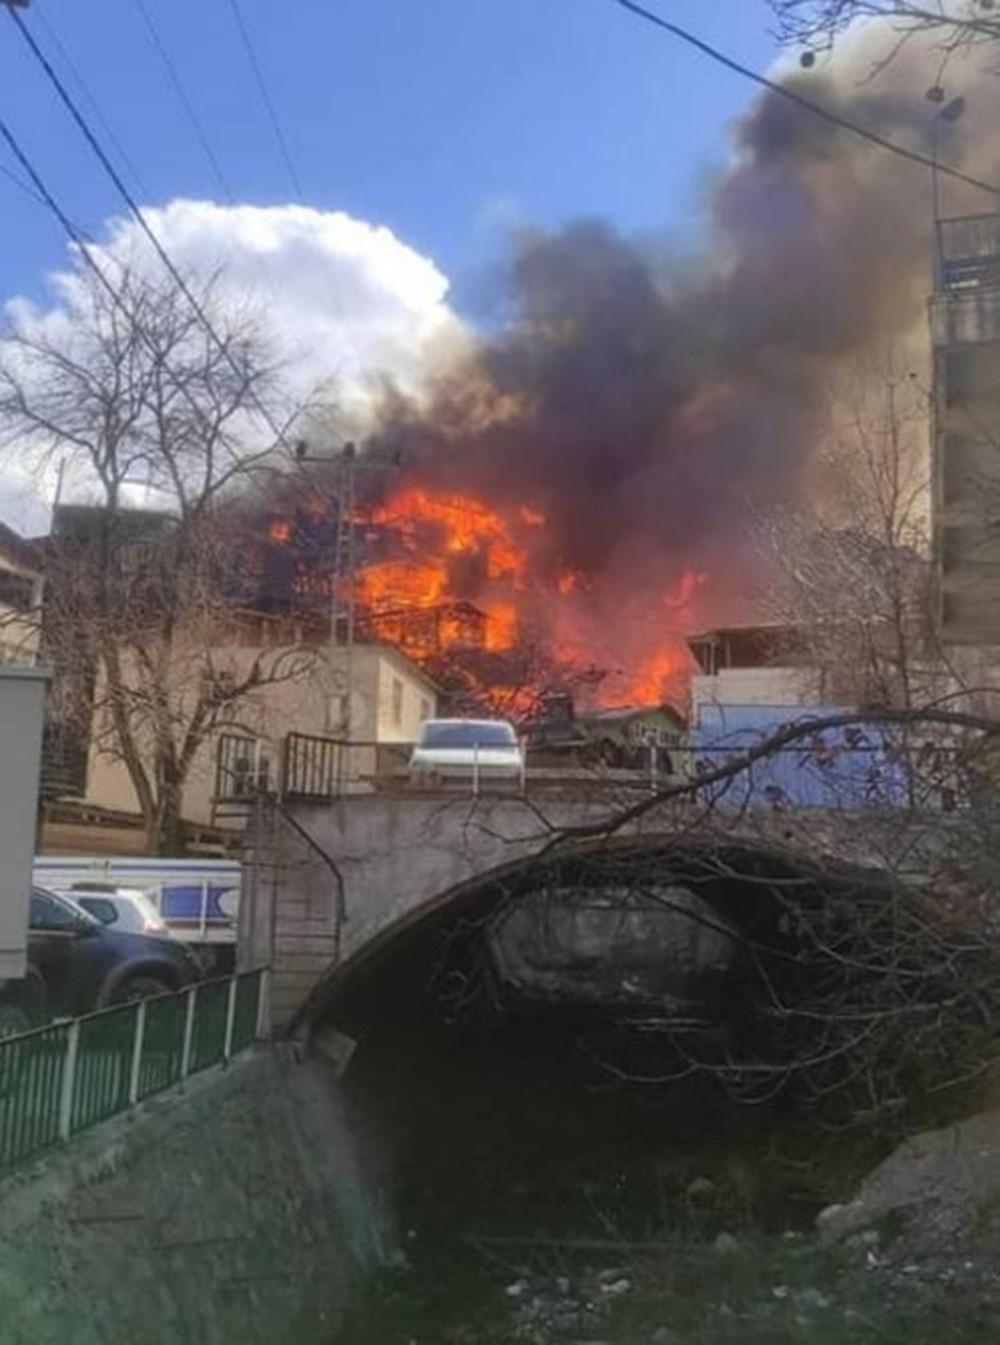 Artvin'deki yangın kontrol altında - 7